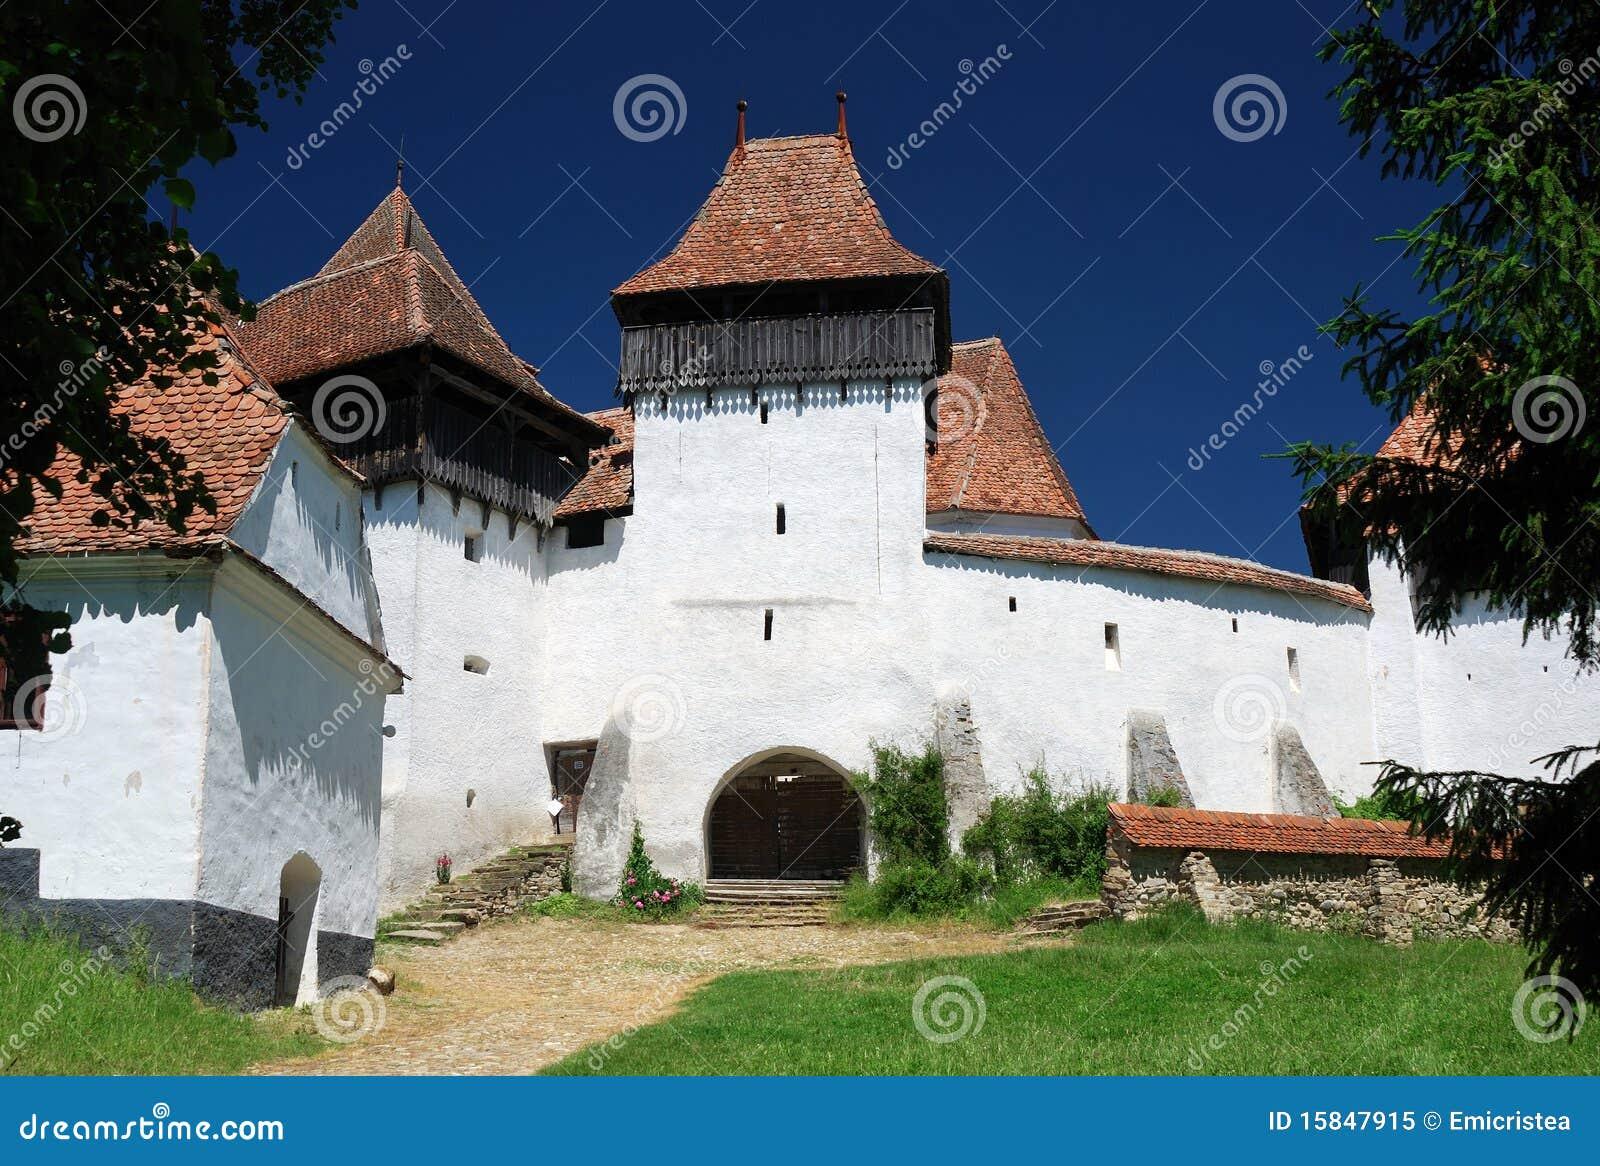 Panoramy Romania Transylvania viscri